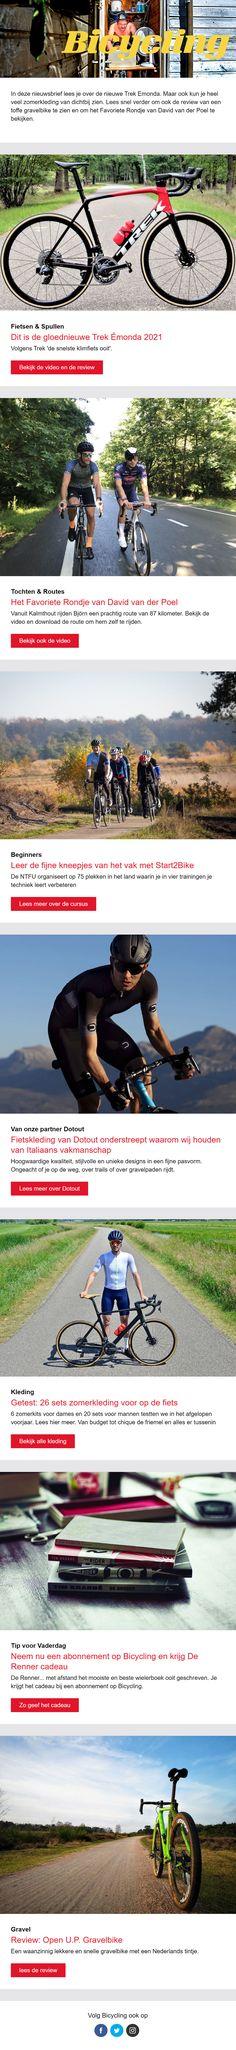 De nieuwsbrief van Bicycle omvat veel verschillende onderwerpen en blijft interessant door de korte, pakkende teksten. Software, Marketing